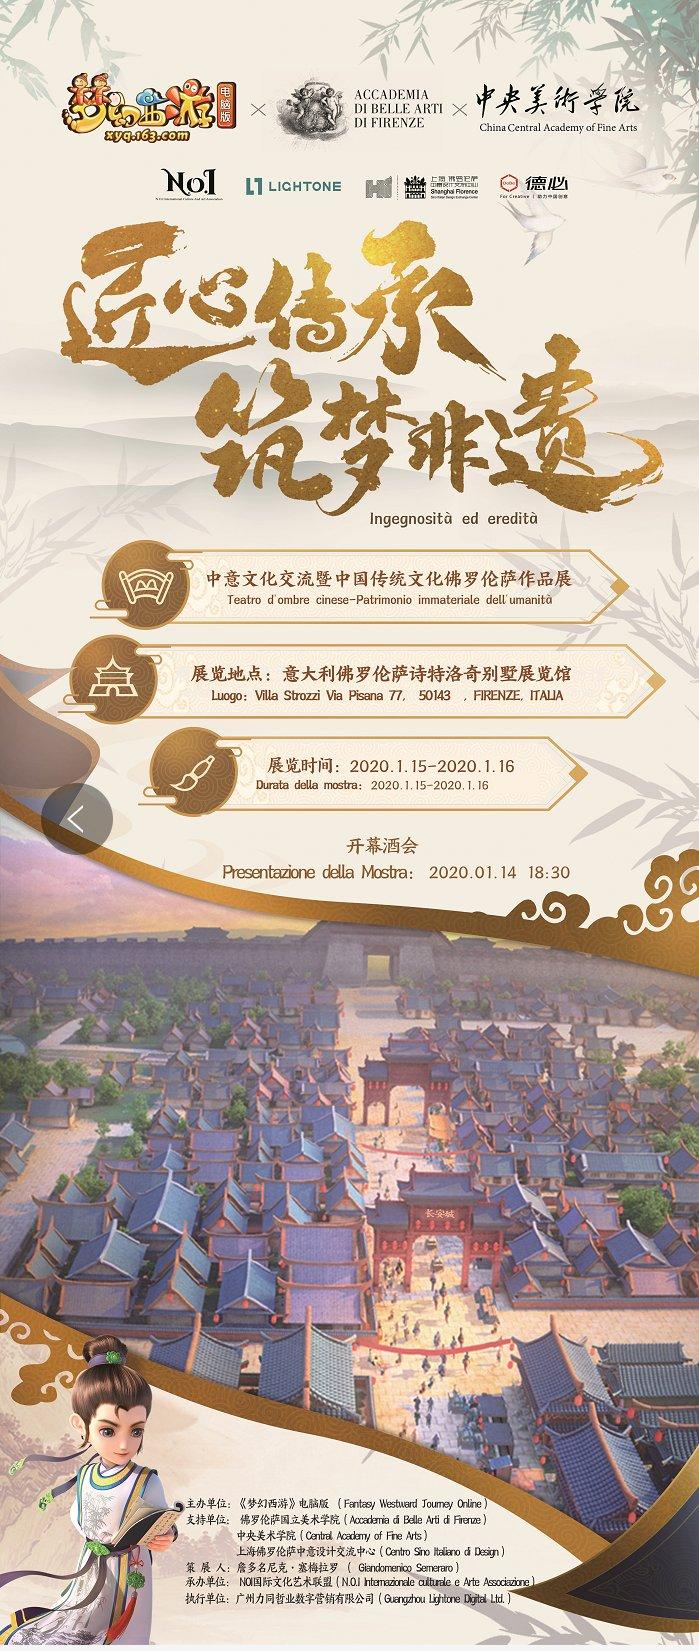 为世界展现中华之美,海外媒体盛赞《梦幻西游》电脑版出海文化